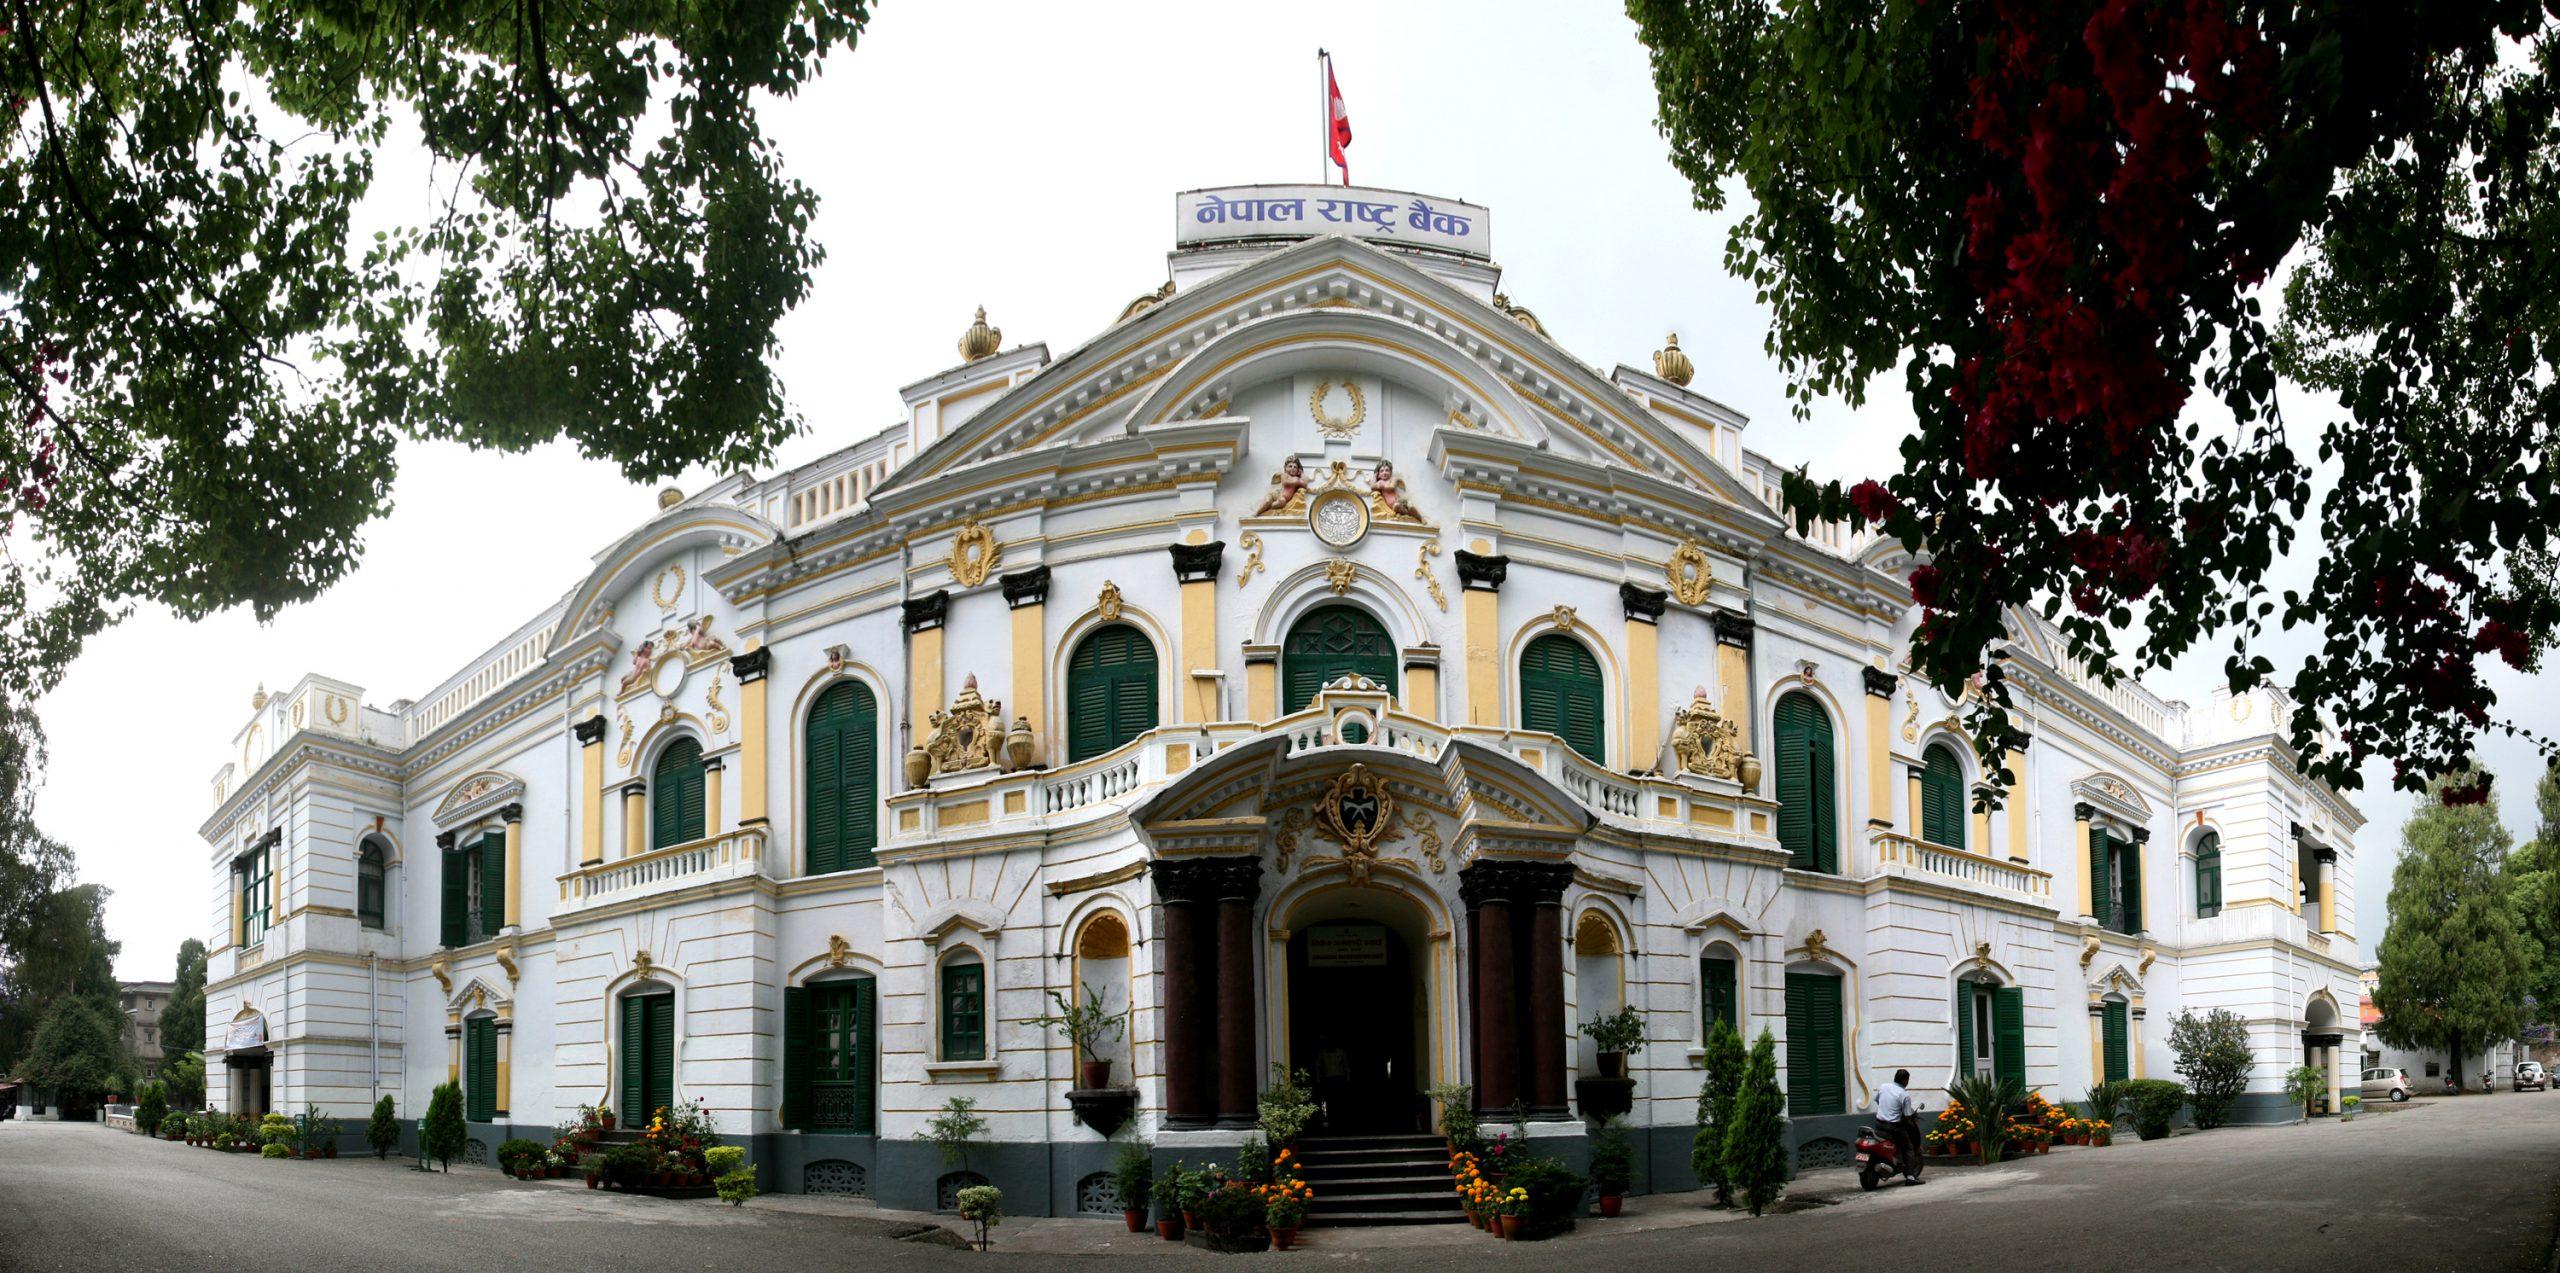 क्रिप्टोकरेन्सीको कारोबार र माइनिङ गरिनु पूर्णरुपमा गैरकानुनी हो: राष्ट्र बैंक